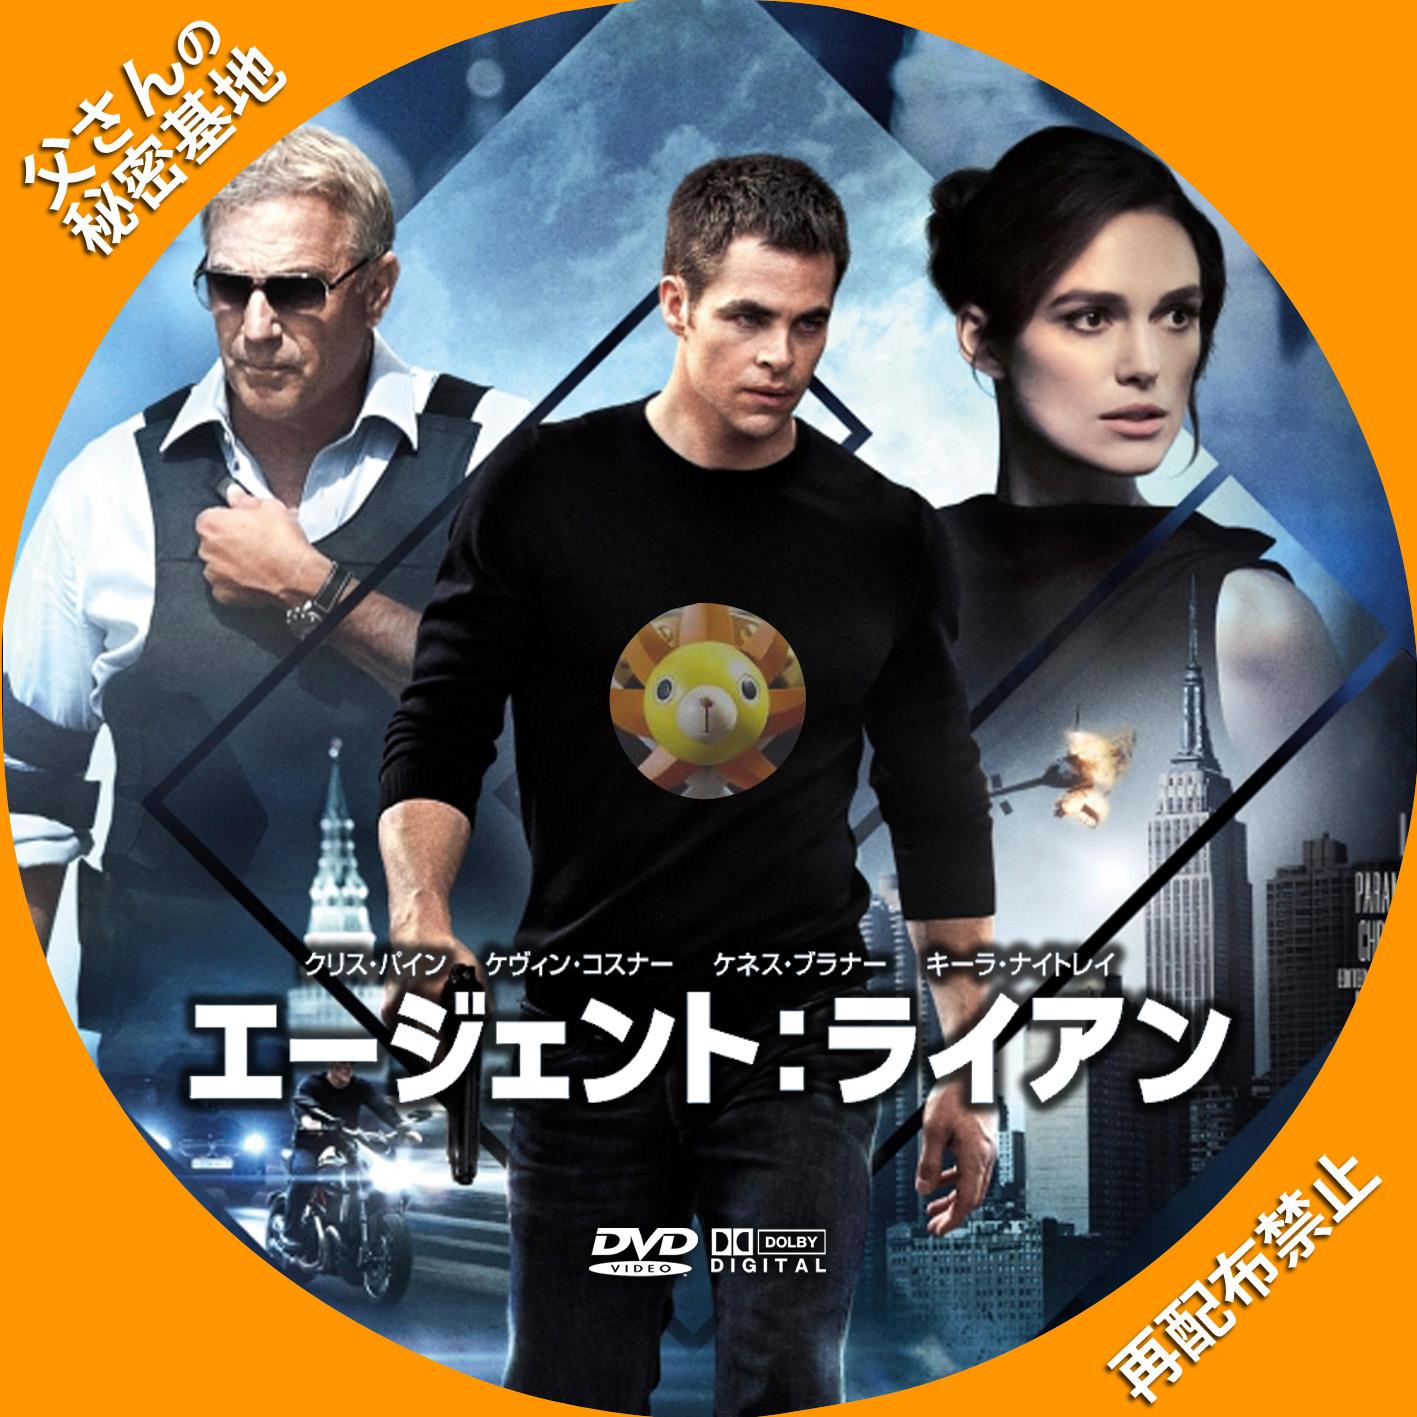 JackRyan_02_DVD.jpg